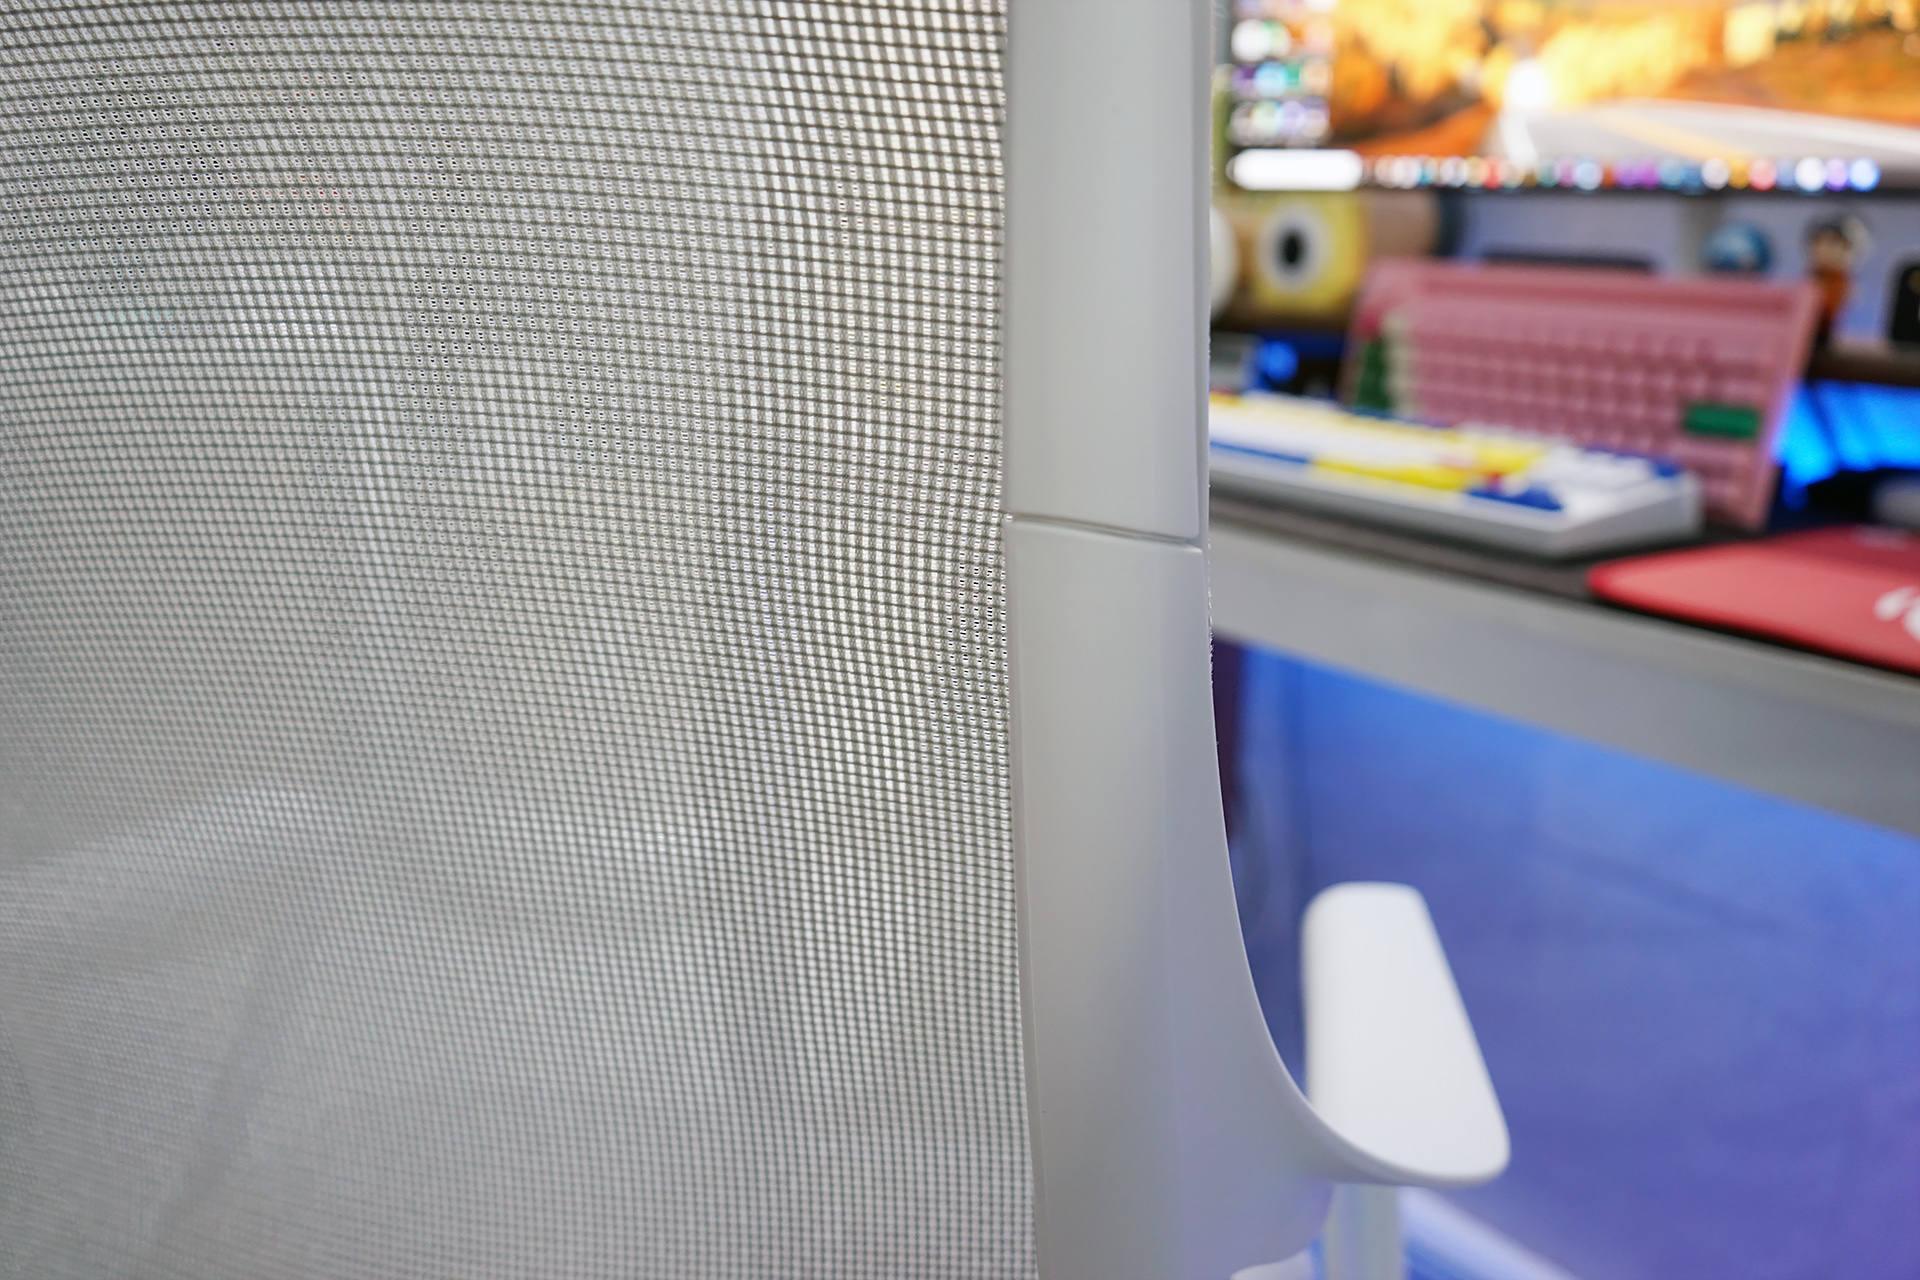 百元UE电脑椅推荐,性价比超高,体验后真的值了